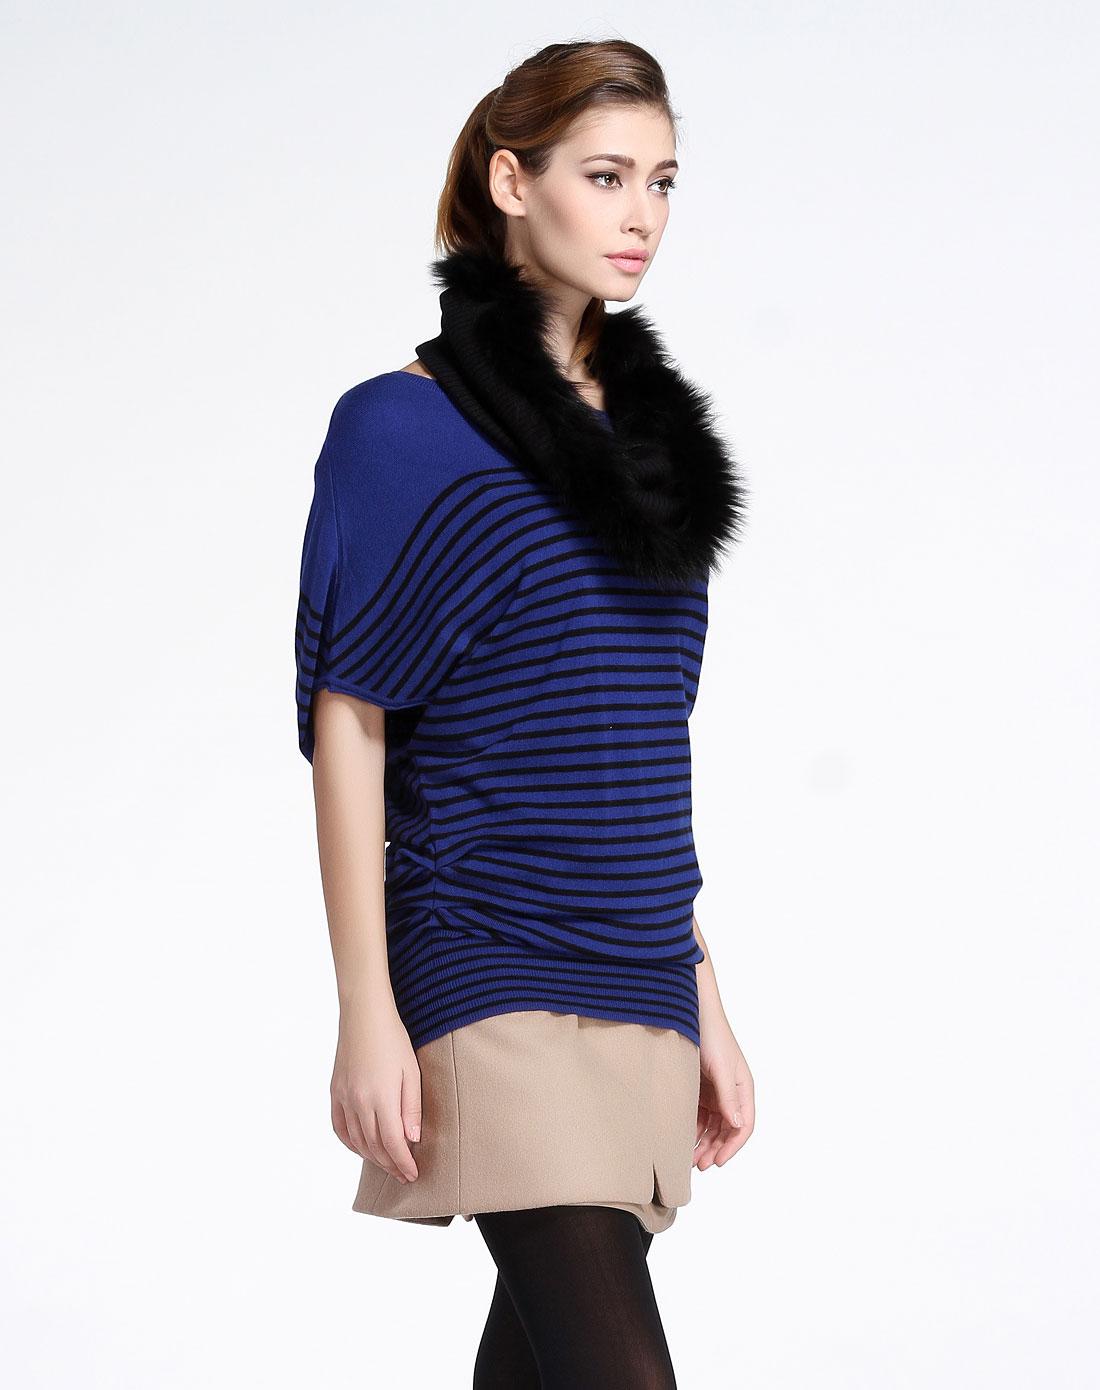 玛斯米亚miamia 蓝色横条时尚蝙蝠袖针织衫